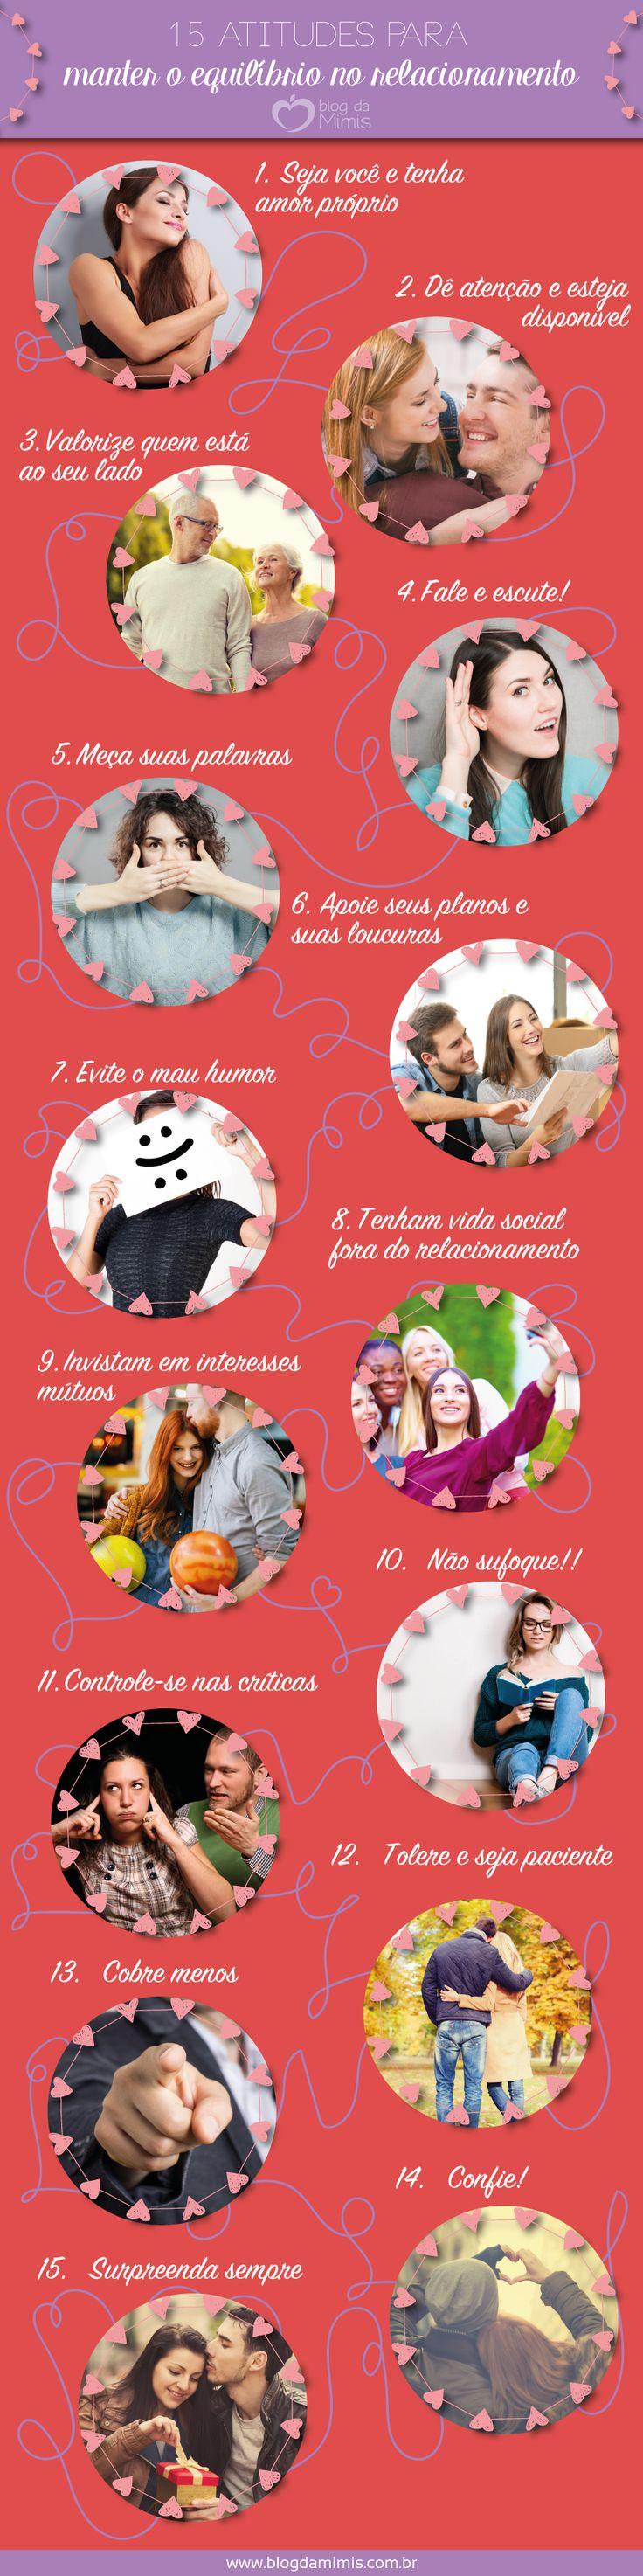 15 atitudes para manter o equilíbrio no relacionamento - Blog da Mimis #relacionamento #dicas #amor #love #casal #atitude #equilíbrio #paz #vidaadois #vida #diaadia #rotina #casamento #salvar